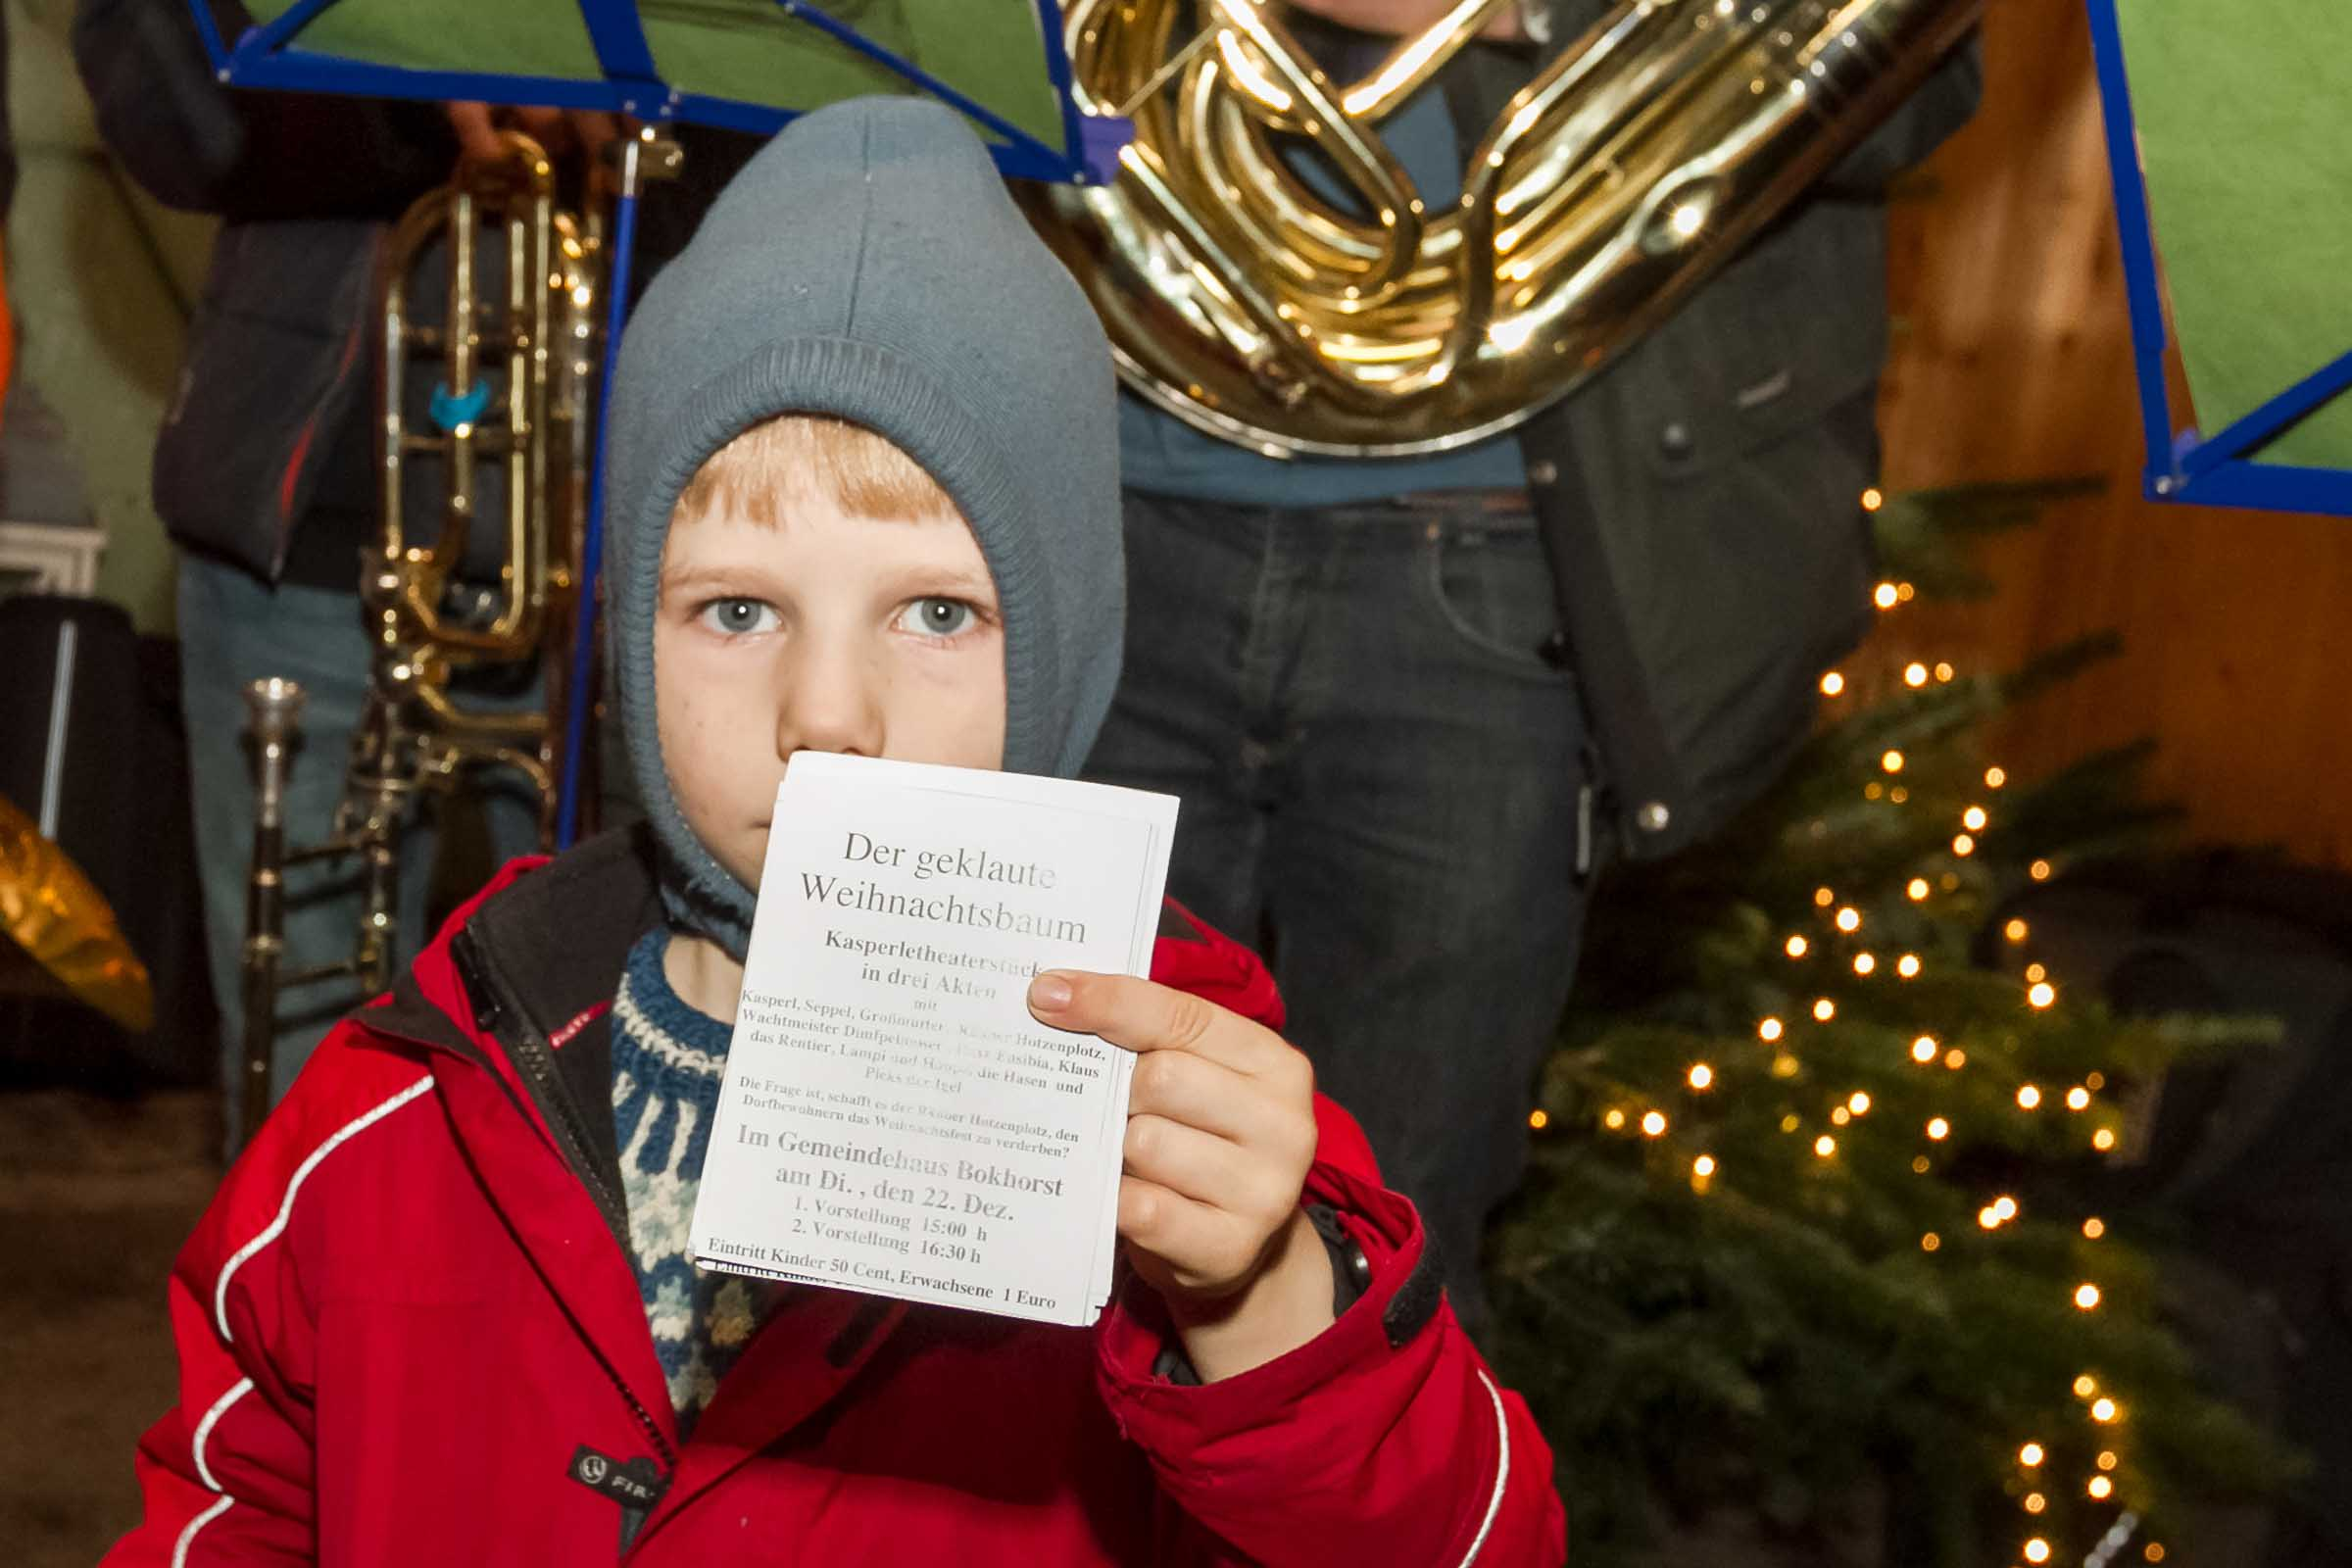 Weihnachtsklänge über den Dörfern – wie in jedem Jahr im Dezember bereits freudig erwartet, zogen die Musiker aus dem Bokhorster Posaunenchor durch die Dörfer